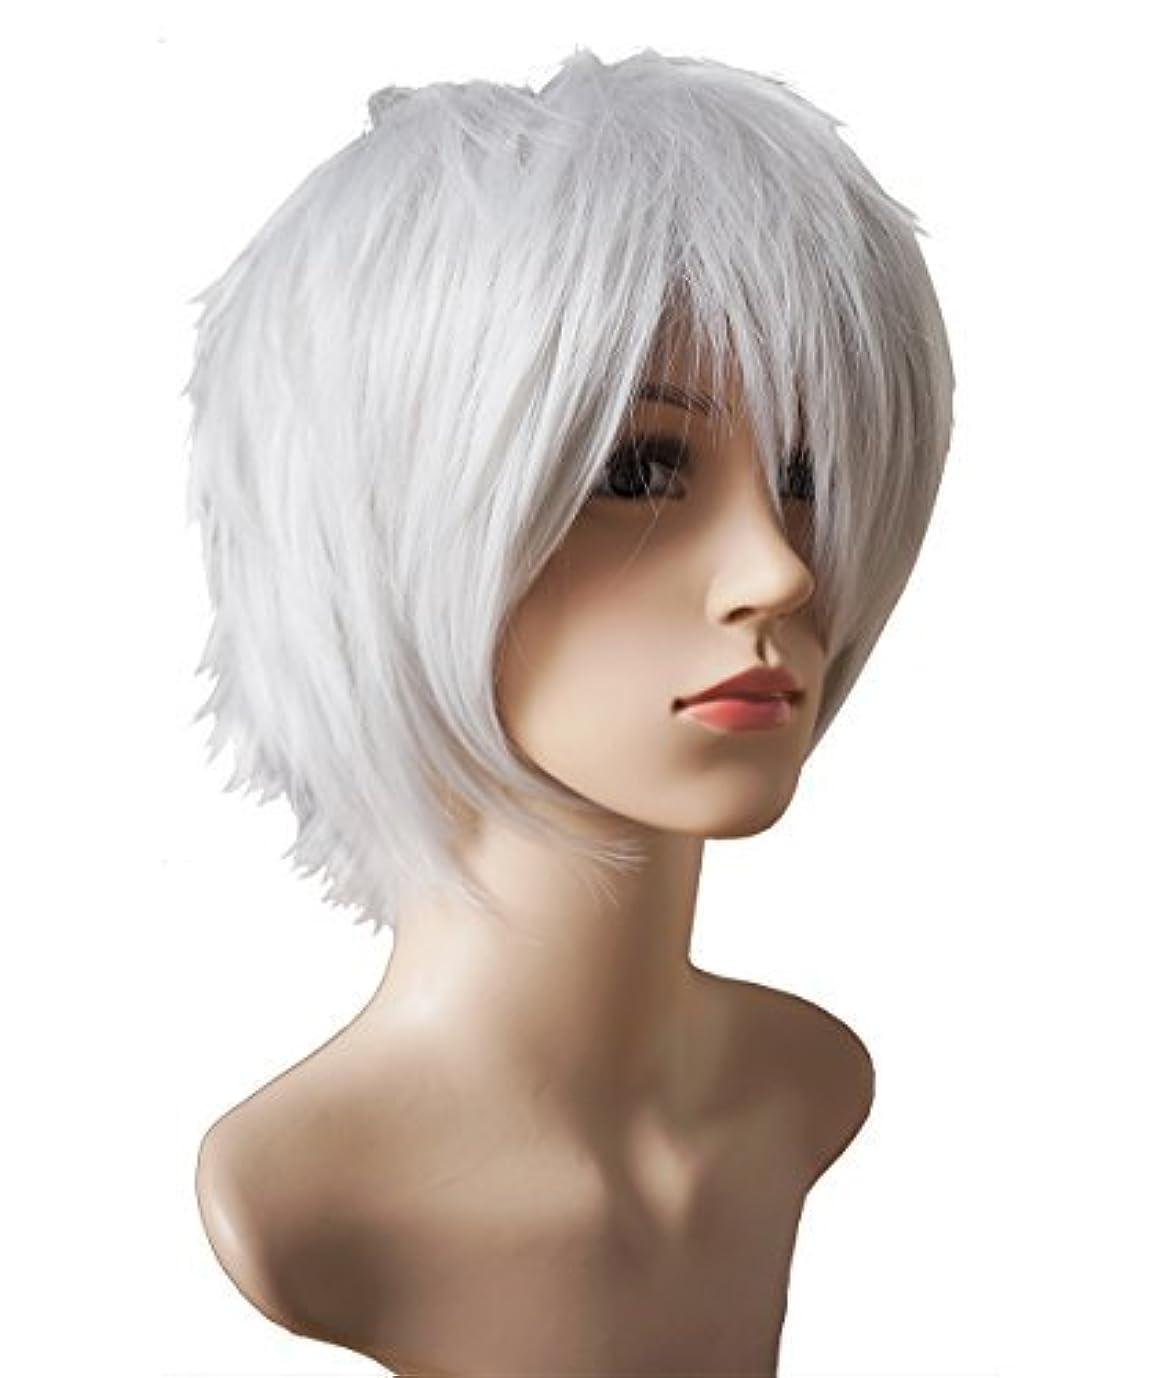 去る規則性キルトANOTHERME 別の私のレディース、メンズの層状の短いストレートかつらの銀白髪耐熱ファイバーウィッグパーティーコスプレ東京グールは県kanekiデスノート